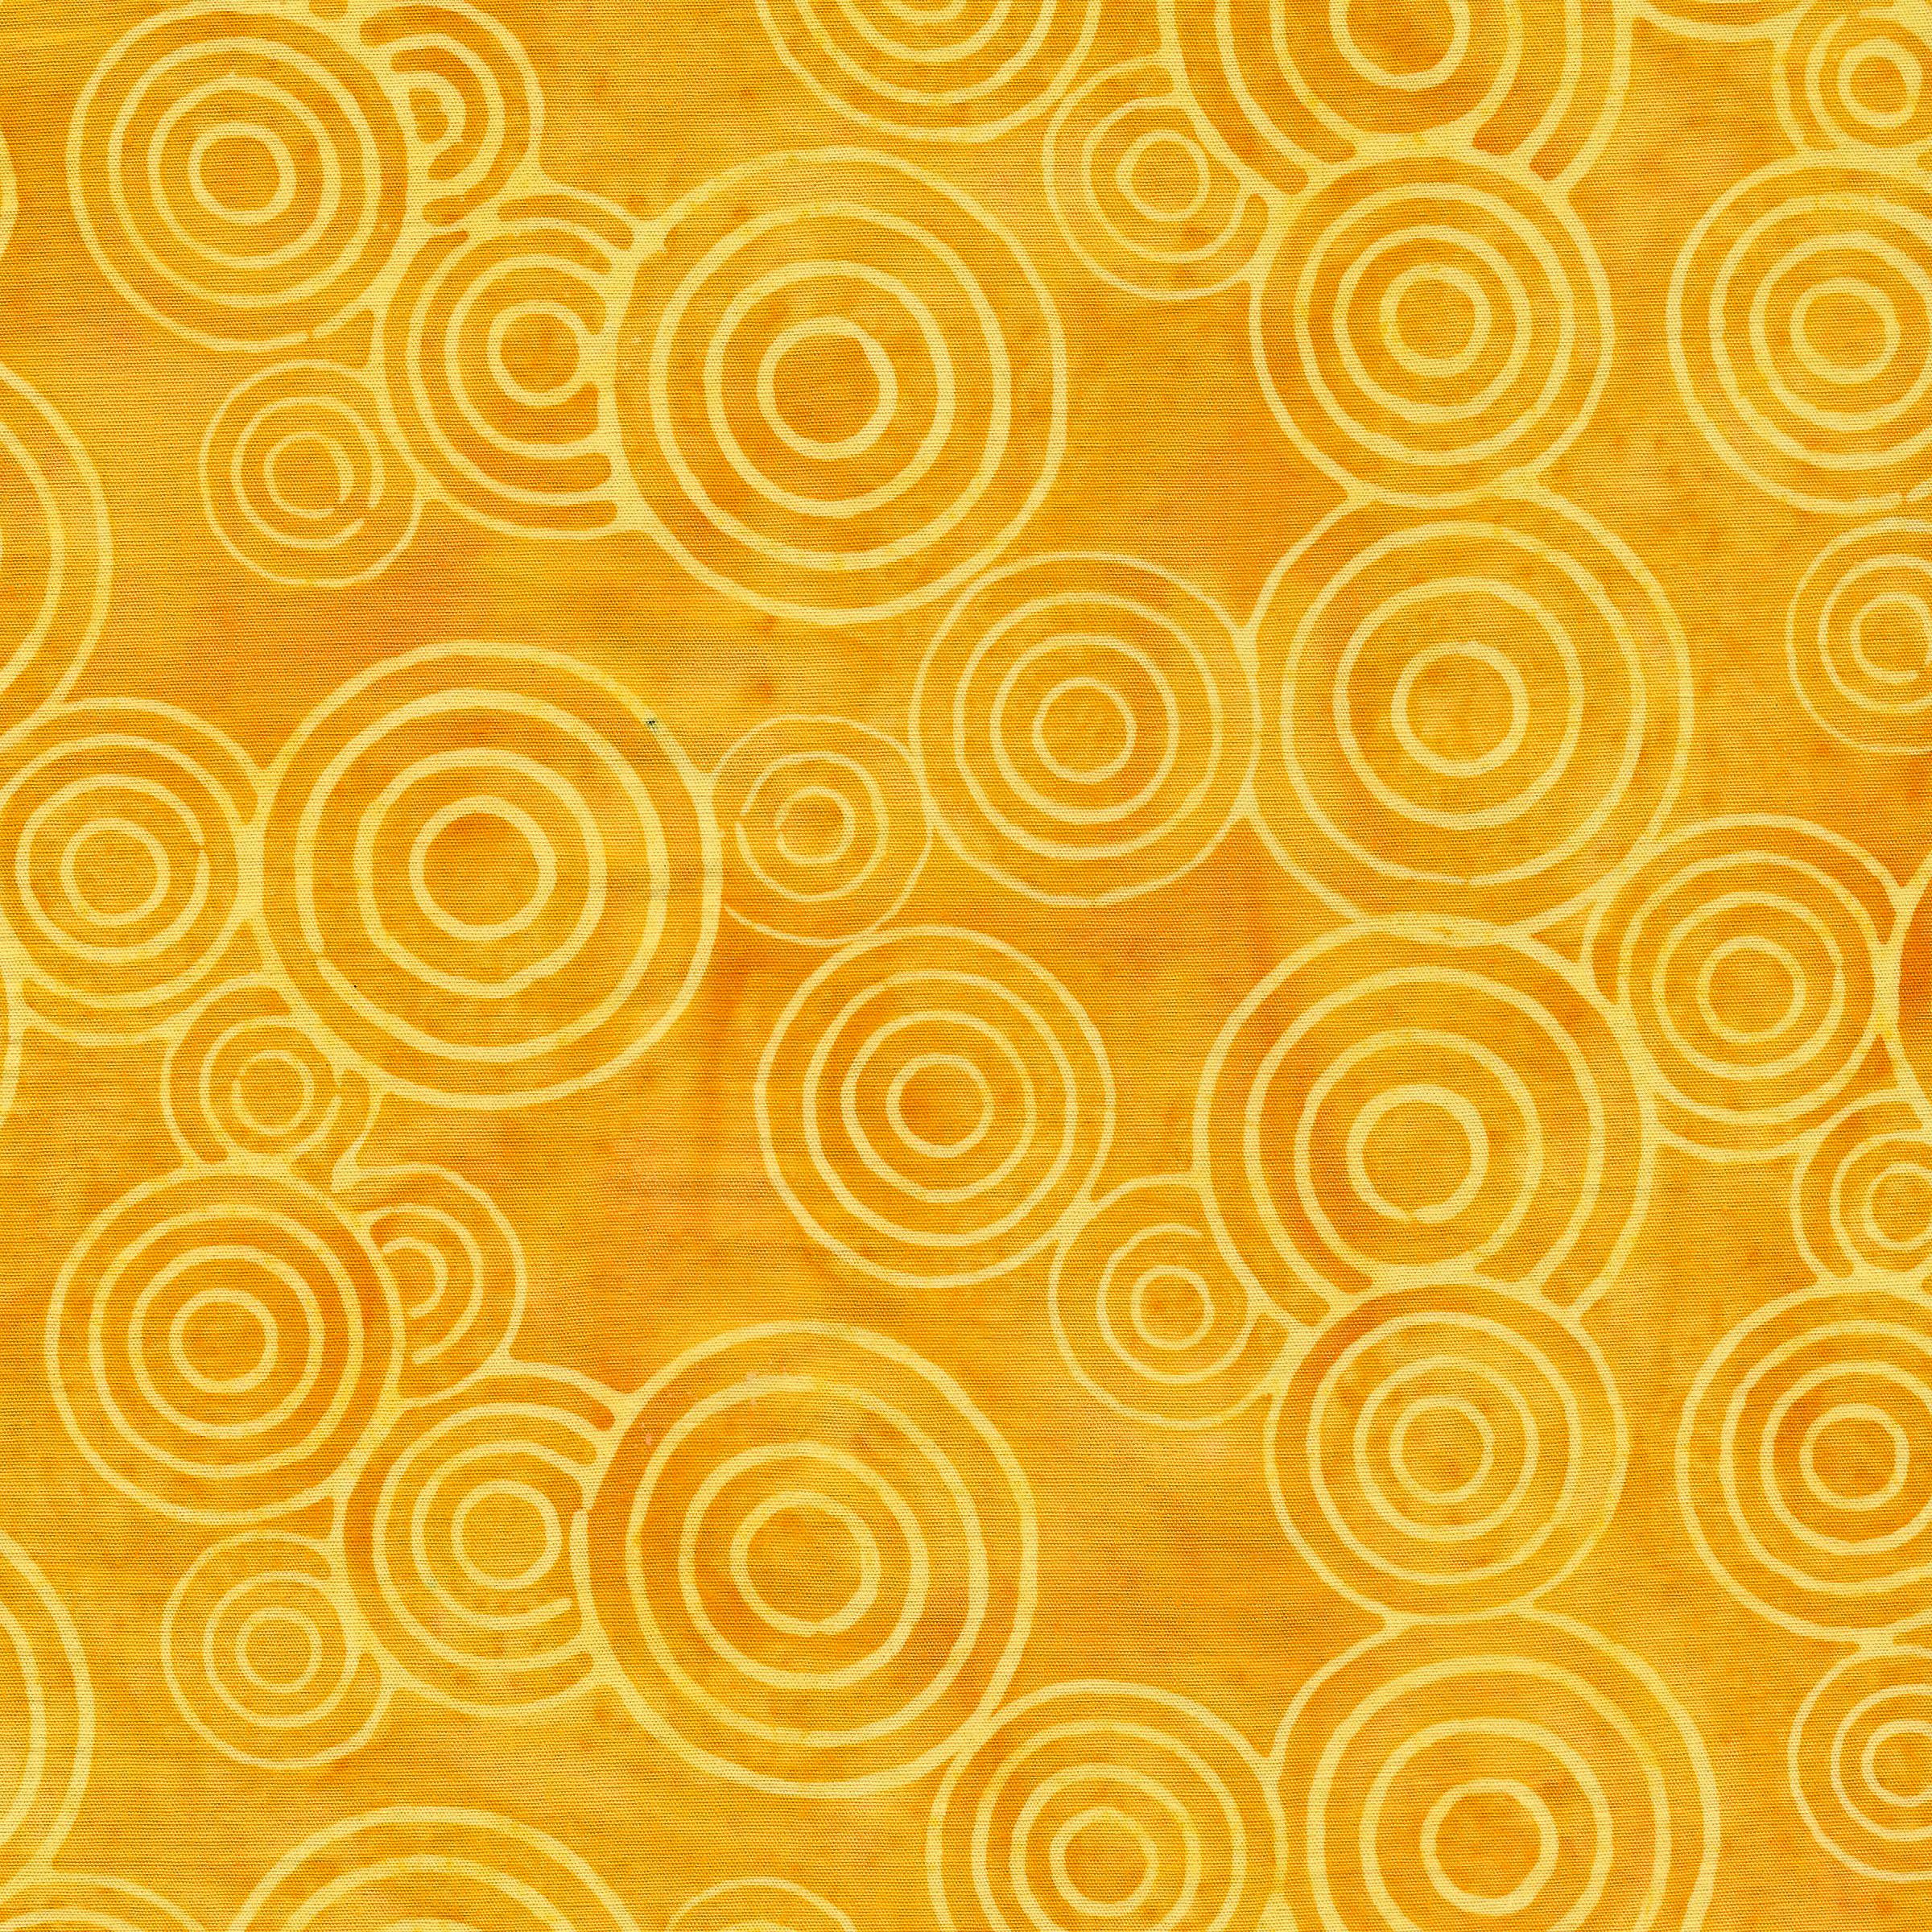 Circles-Lemonade 711906115